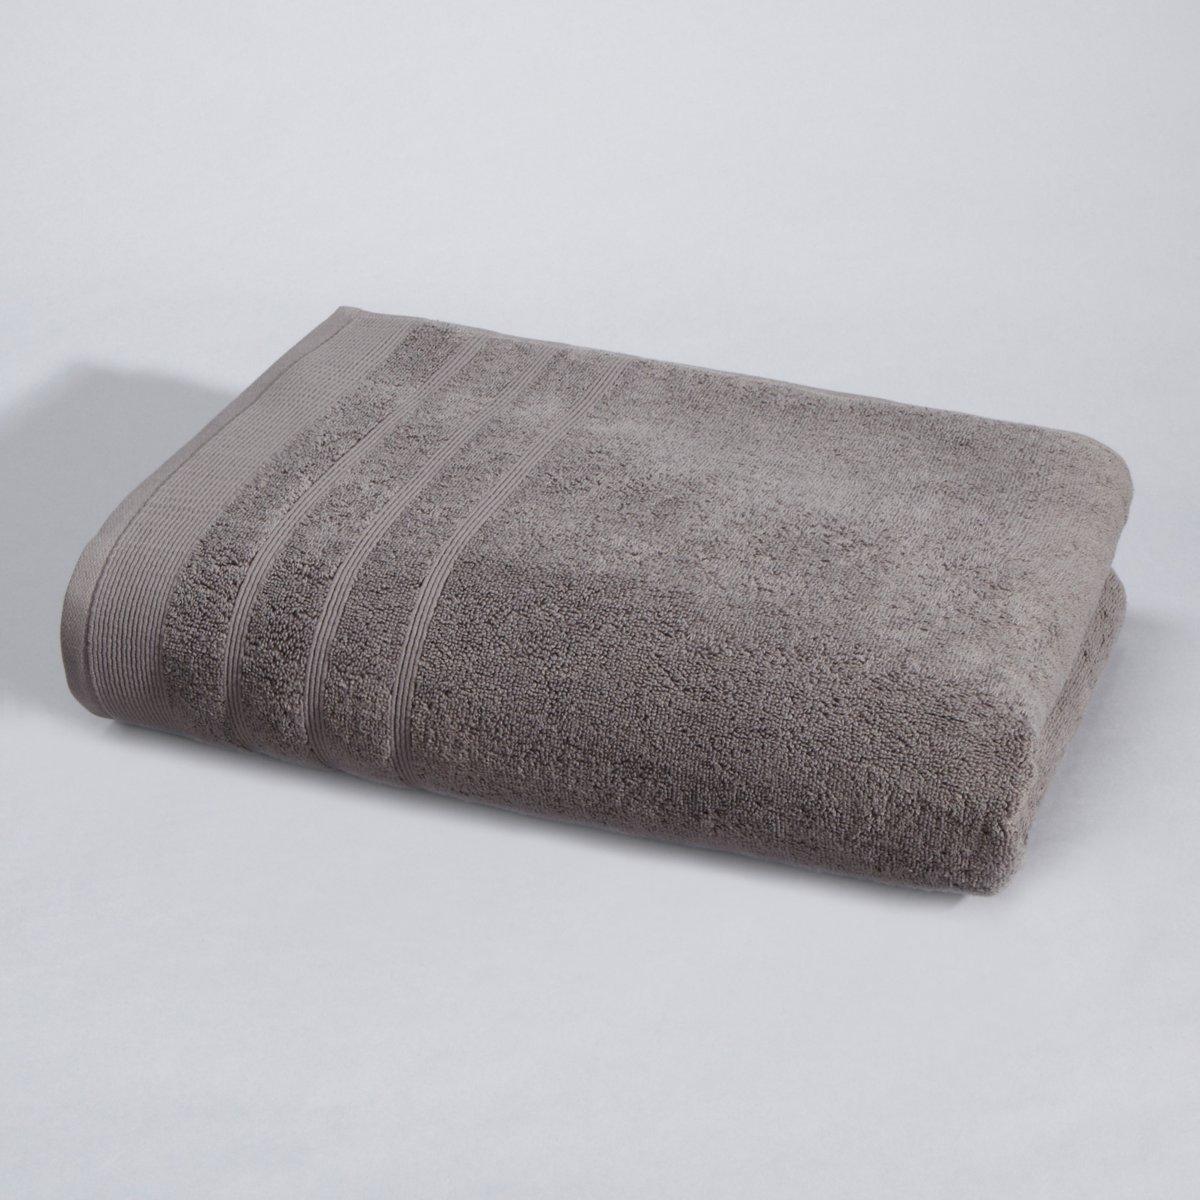 Полотенце банное 600 г/м?, Качество BestПышное полотенце с исключительной впитывающей способностью. Невероятный комфорт!Характеристики банного полотенца :Качество BEST.Махровая ткань 100 % хлопка.Машинная стирка при 60°.Размеры банного полотенца:70 x 140 см.<br><br>Цвет: гранатовый,зелено-синий,светло-серый,светло-синий,темно-серый,шафран